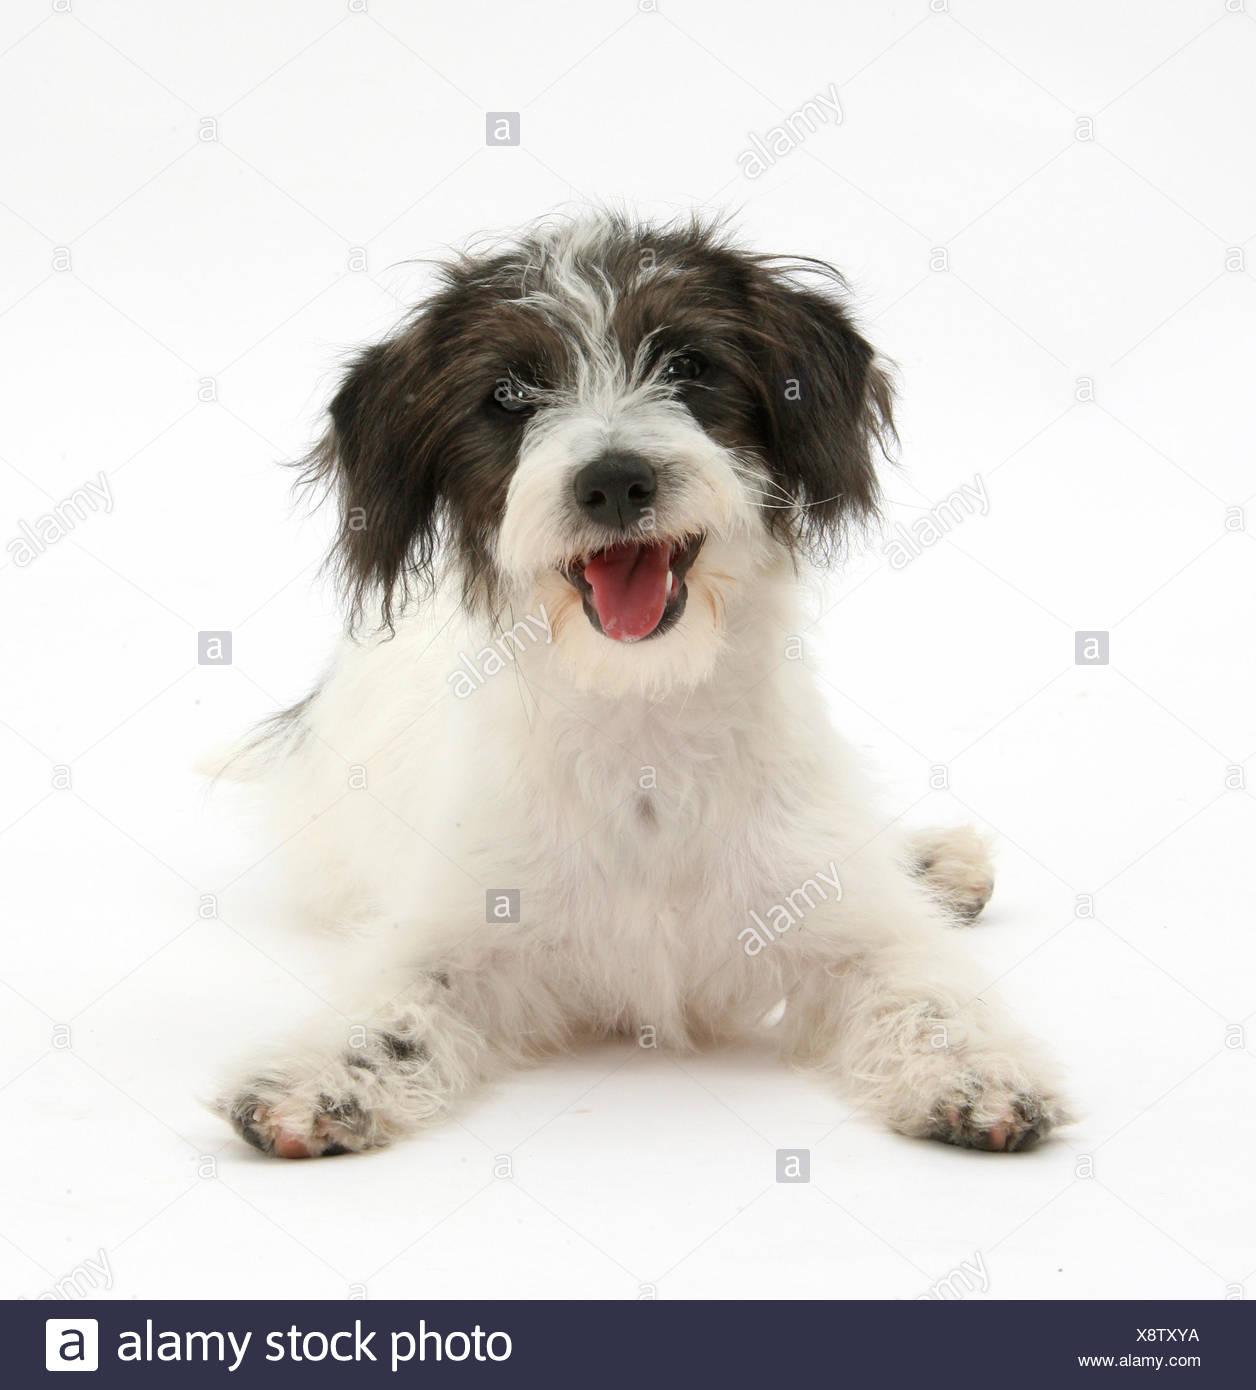 Nett Baby Bulldog Färbung Seiten Fotos - Beispiel Wiederaufnahme ...